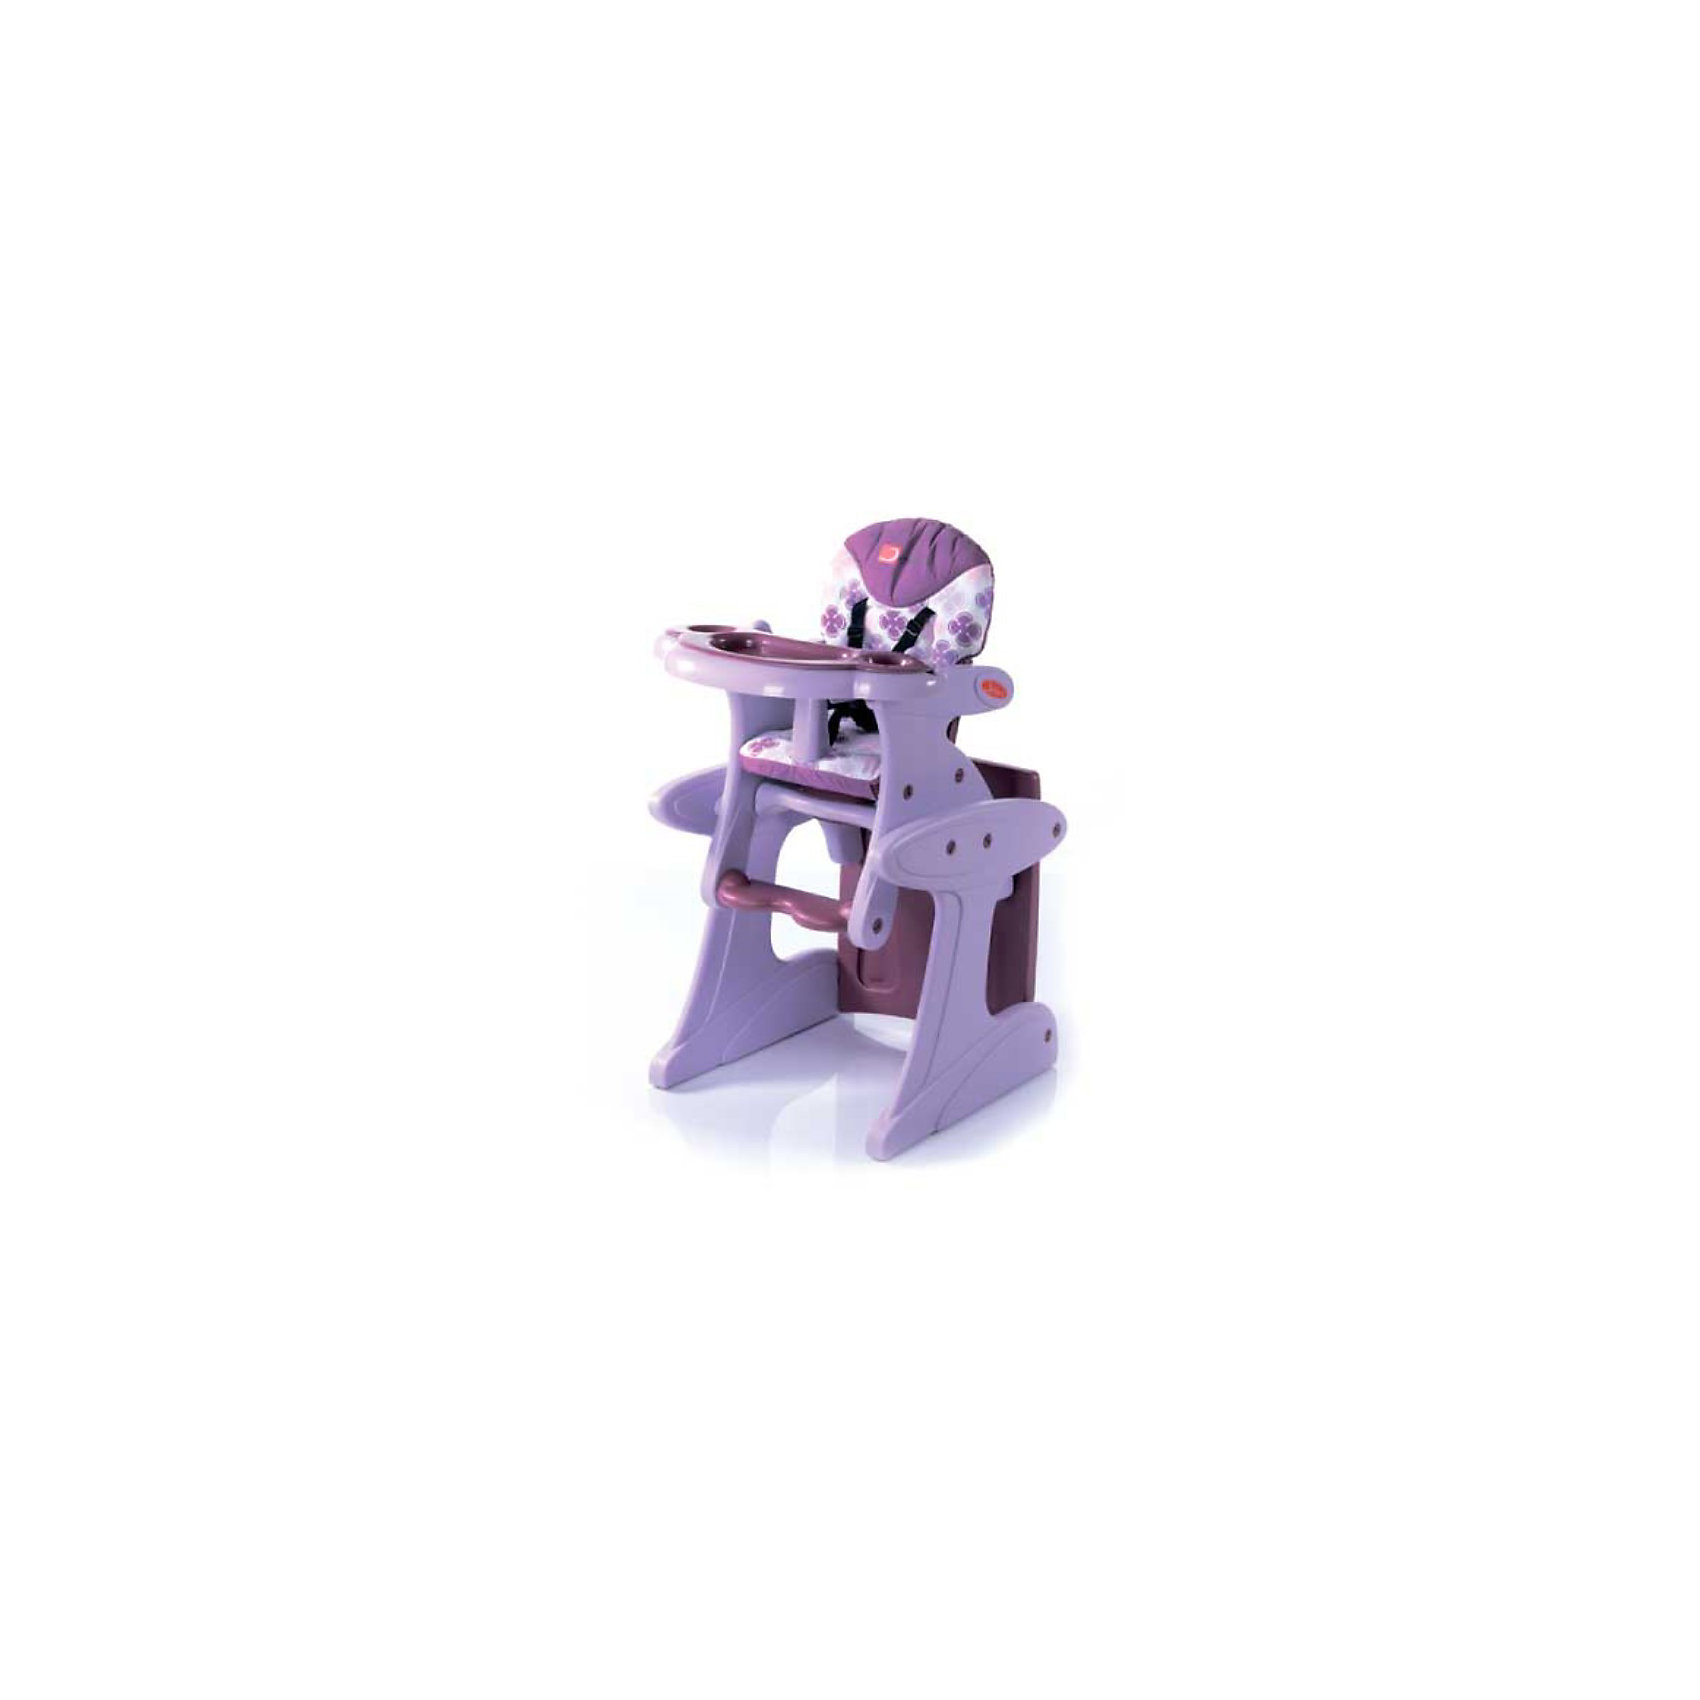 Стульчик-трансформер Magic, Jetem, лиловыйСтульчики для кормления<br>Что может быть интересней, чем кушать за красивым и оригинальным стулом-трансформером Magic, Jetem (Мэджик Жетем)! Причем этот стул-трансформер может быть верным другом не два-три года, а лет пять-шесть. Ведь его так легко превратить в удобную парту, за которой можно рисовать, писать, лепить, заниматься массой других полезных вещей. А когда нужно будет покушать стол быстро и легко превращается в стульчик для кормления. Спинка имеет три положения наклона, позволяя усадить даже маленького ребенка максимально удобно. Столешница также может фиксироваться в трех положениях по глубине. За безопасность отвечают надежные 5-точечные ремни безопасности. Кроме того, модель оснащена съемным ограничителем, который не позволит малышу соскальзывать со стульчика. Стульчик Magic, Jetem (Мэджик Жетем) не снабжен колесами, но основание выполнено таким образом, что он может прекрасно скользить по плитке и другим покрытиям. Стульчик легко складывается и не занимает много места в собранном виде. Кушайте, играйте, творите с Magic, Jetem (Мэджик Жетем)!<br><br>Дополнительная информация:<br><br>- Стульчик для кормления легко трансформируется в стульчик с партой, которые можно использовать до 6 лет;<br>- 3 положения спинки для удобства малыша;<br>- 3 положения глубины столешницы;<br>- 5-ти точечные ремни безопасности (съемные). Можно использовать как 3-х точечные, отстегнув плечевые ремни;<br>- Ограничитель (съемный). Для мам переживающих, что для мальчиков пластиковый ограничитель может быть неудобен, можно открутить его и использовать только ремни безопасности;<br>- Съемная дополнительная столешница;<br>- Стул имеет широкое основание, поэтому он очень устойчивый;<br>- Без колес, но прекрасно скользит по полу;<br>- Матерчатая «дышащая» обивка легко снимается для очистки и на ней удобно сидеть даже летом;<br>- Эксклюзивный дизайн; <br>- Внешний размер (ДxШхВ): 57 х 52 х 100 см;<br>- Ширина сидения 30 см;<br>- Размеры в упак